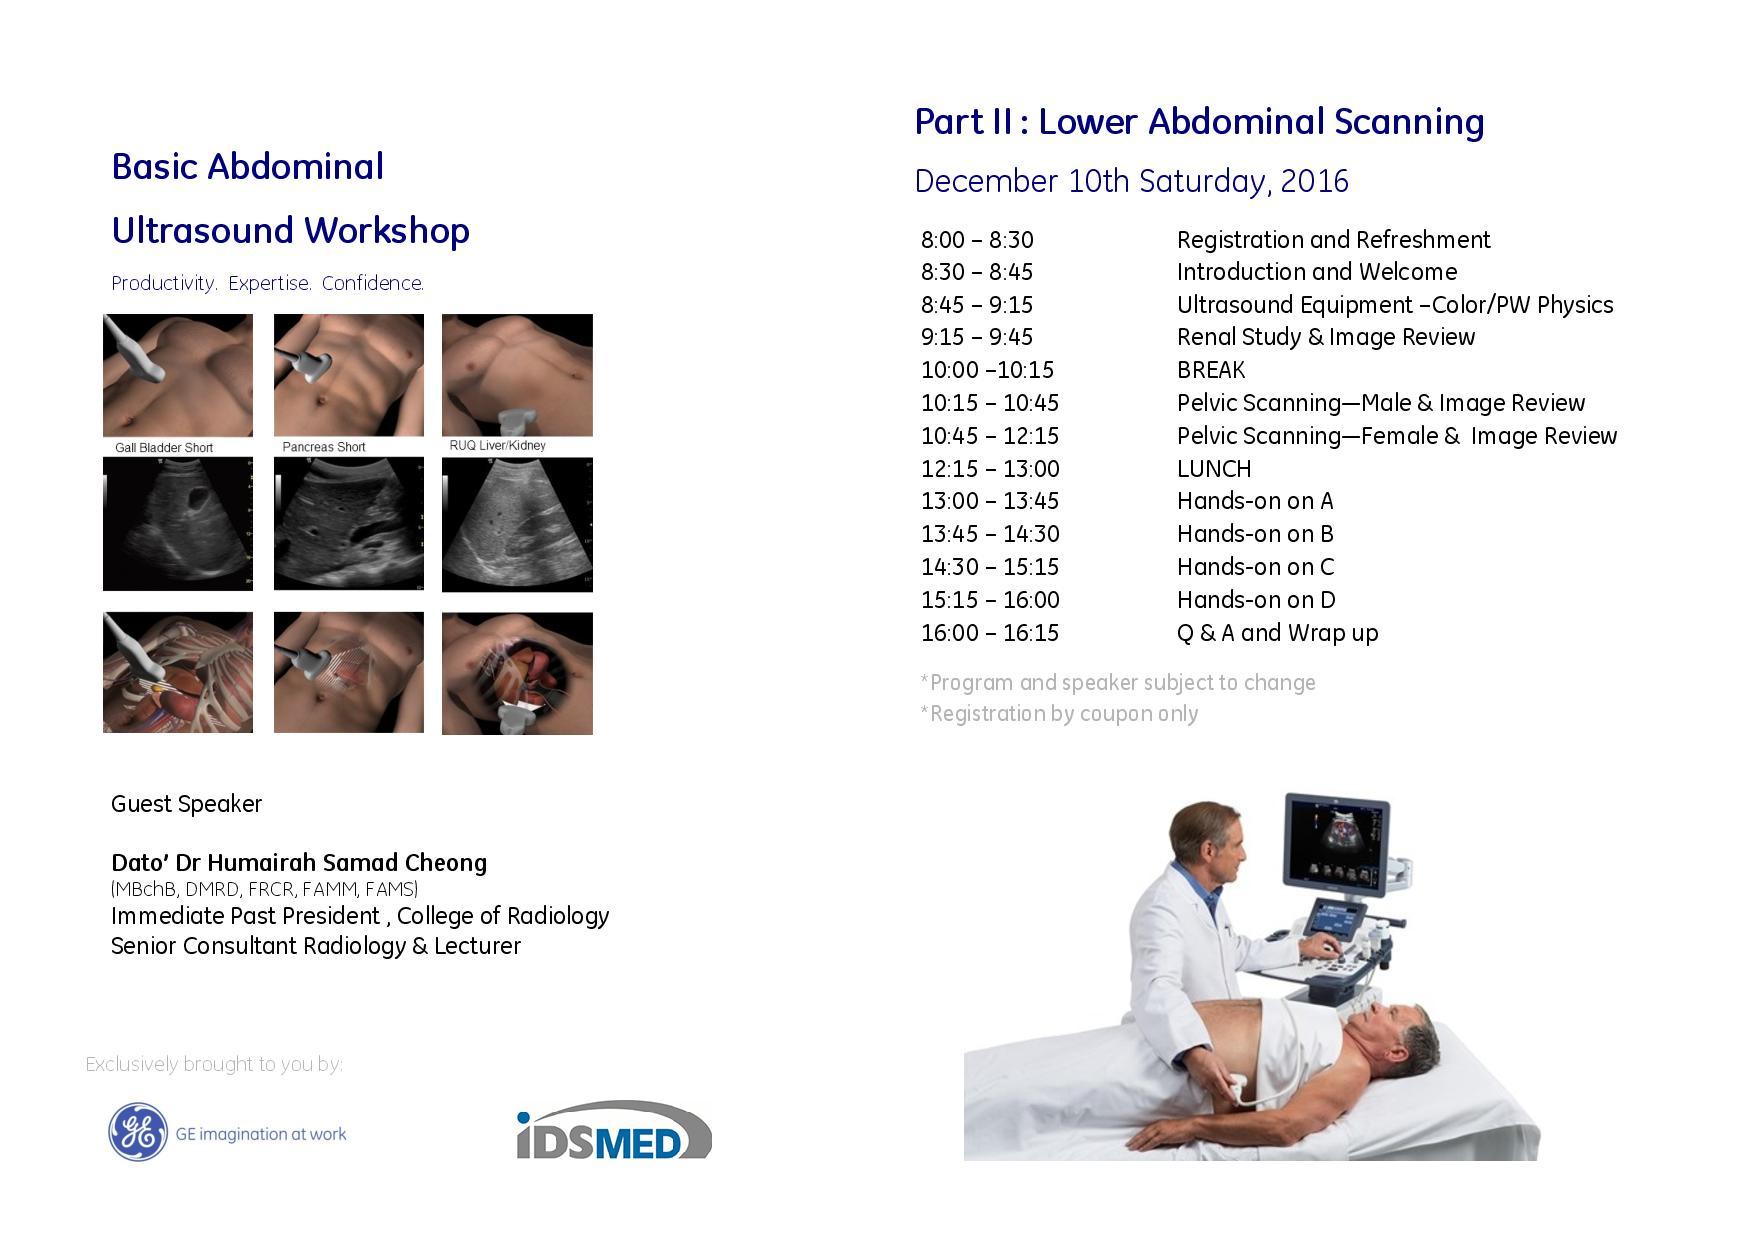 Basic Abdominal Ultrasound Workshop - IDS Medical Systems